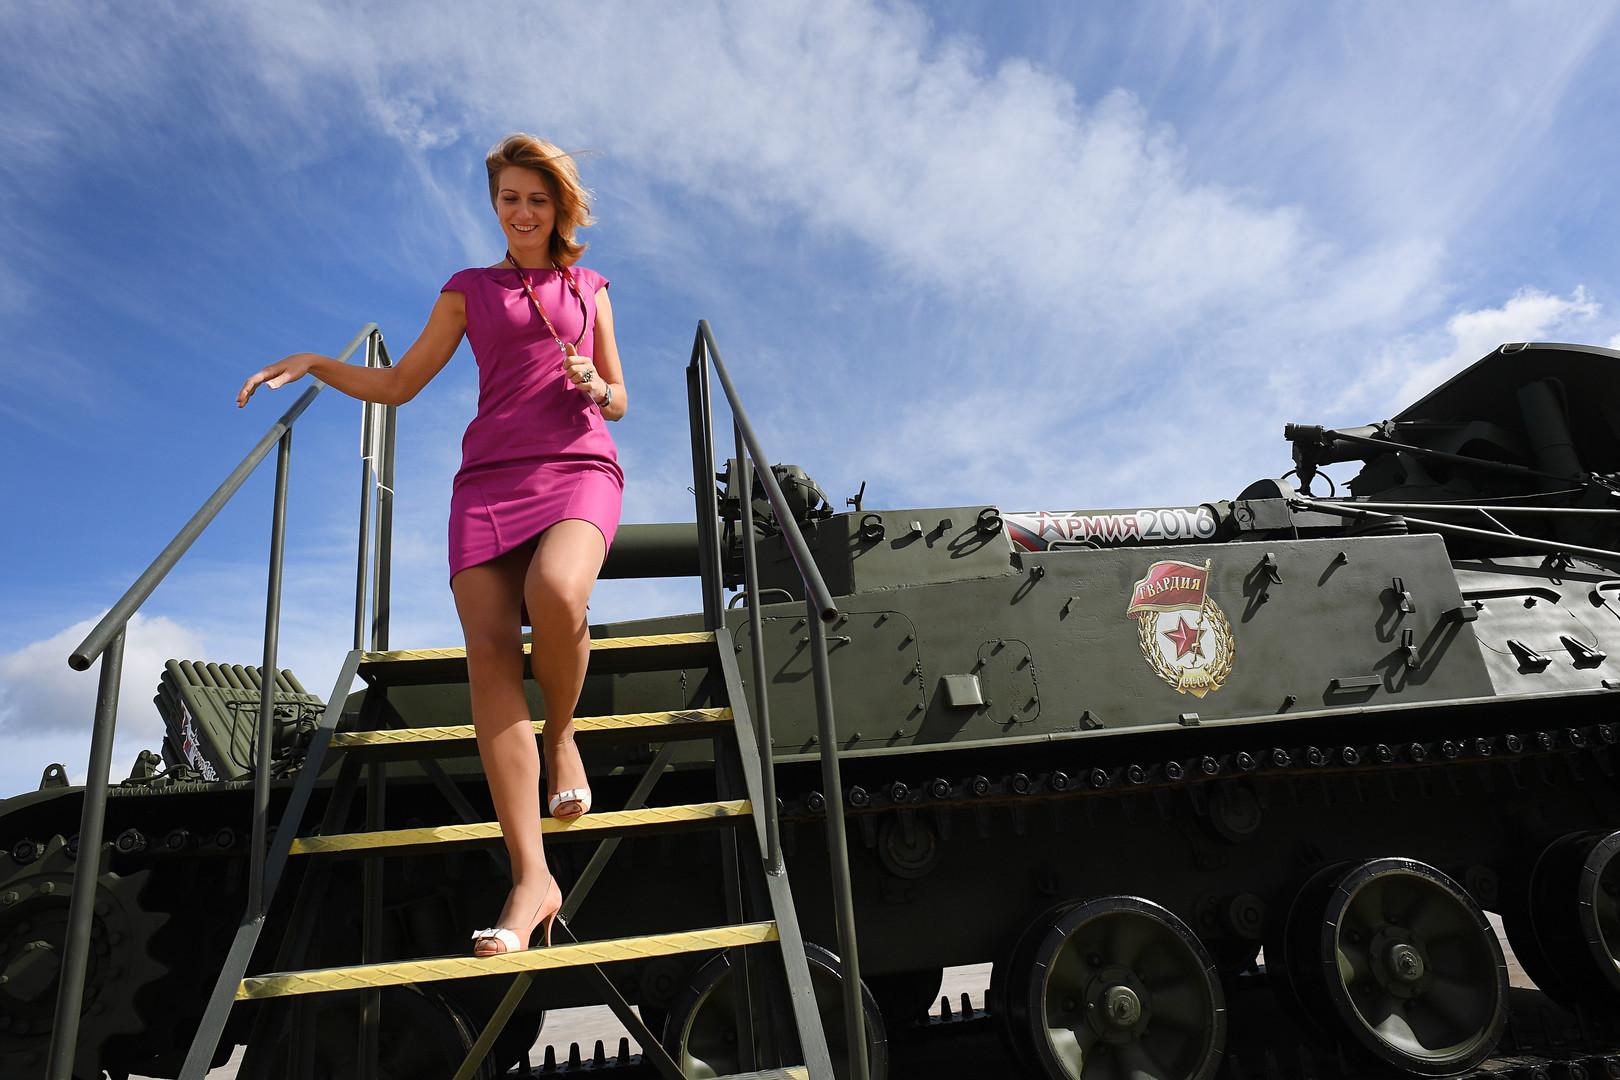 240-мм самоходный миномет 2С4 Тюльпан представлен в открытой экспозиции на Международном военно-техническом форуме «Армия-2016» в конгрессно-выставочном центре подмосковного Военно-патриотического парка культуры и отдыха Вооруженных сил РФ «Патриот».